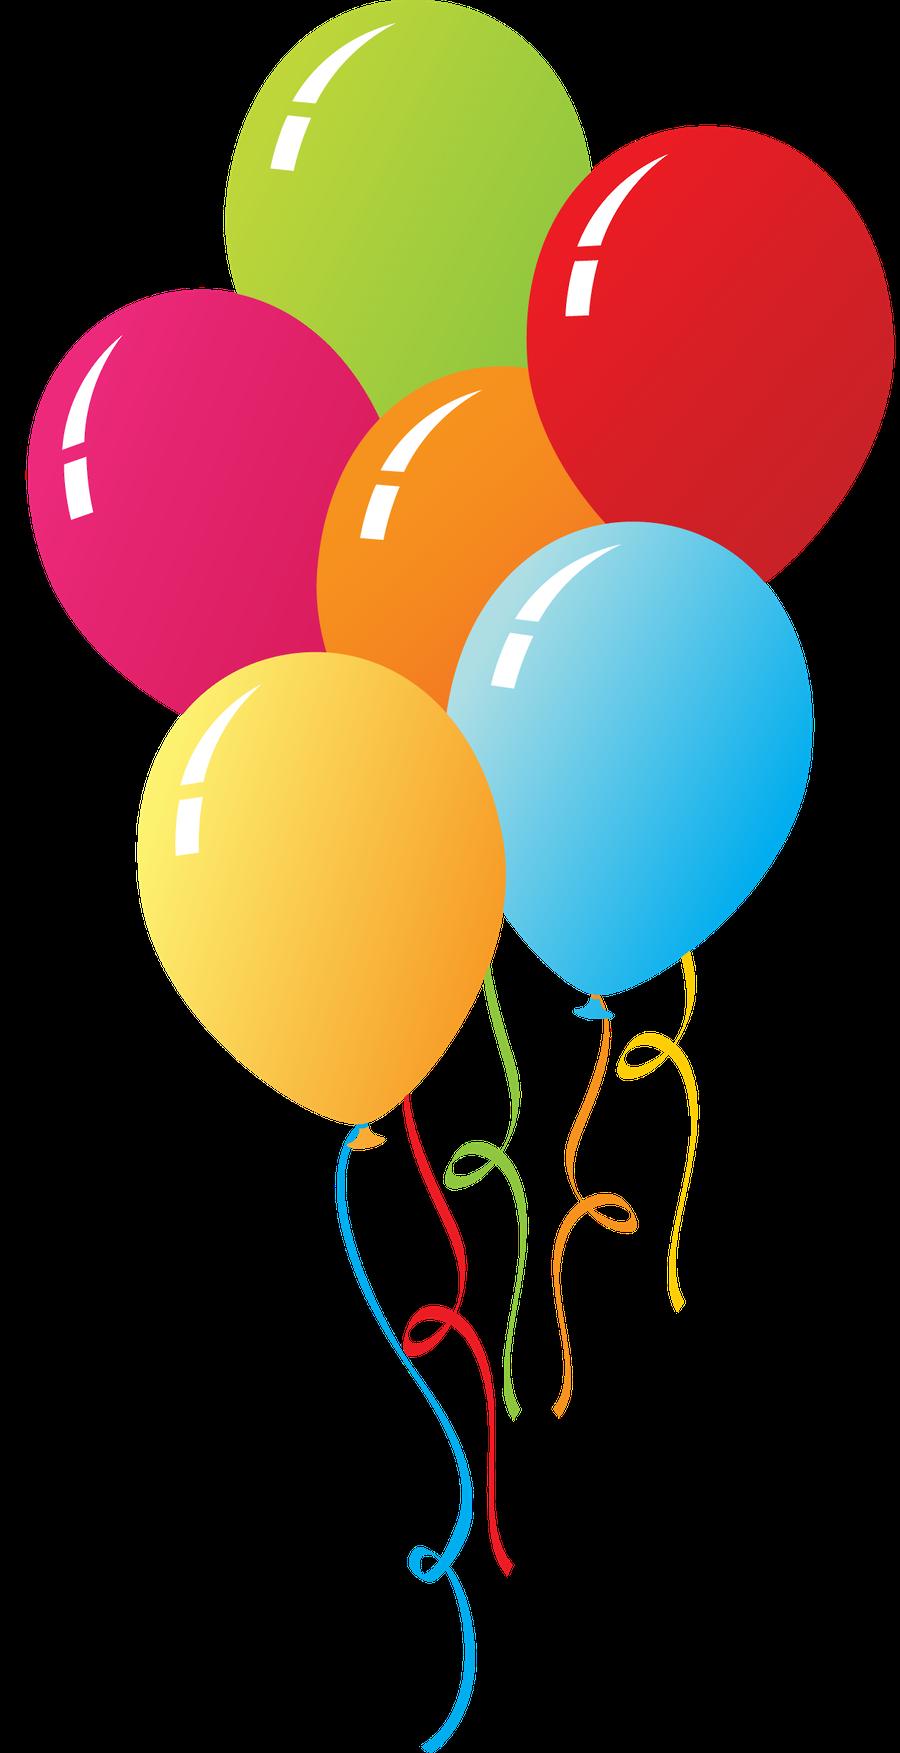 Globos de cumplea+-os animados clipart clipart download Pin de Lila Grace en Clipart | Feliz cumpleaños, Tarjetas de feliz ... clipart download